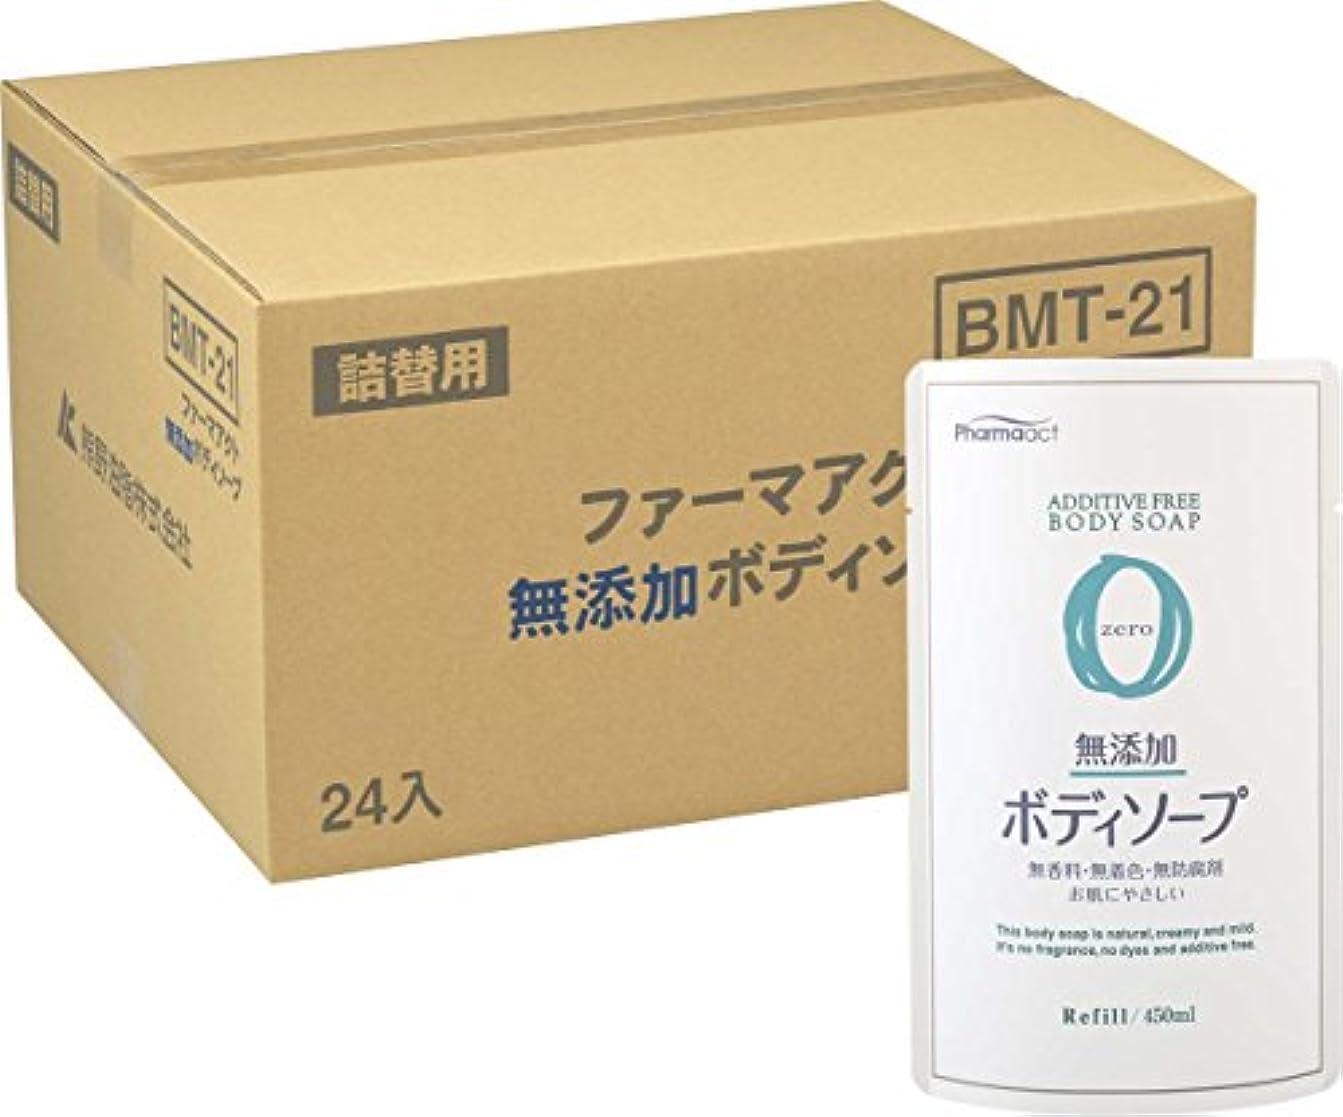 熟読私の示す【ケース販売】ファーマアクト 無添加ボディソープ詰替用 450ml×24個入